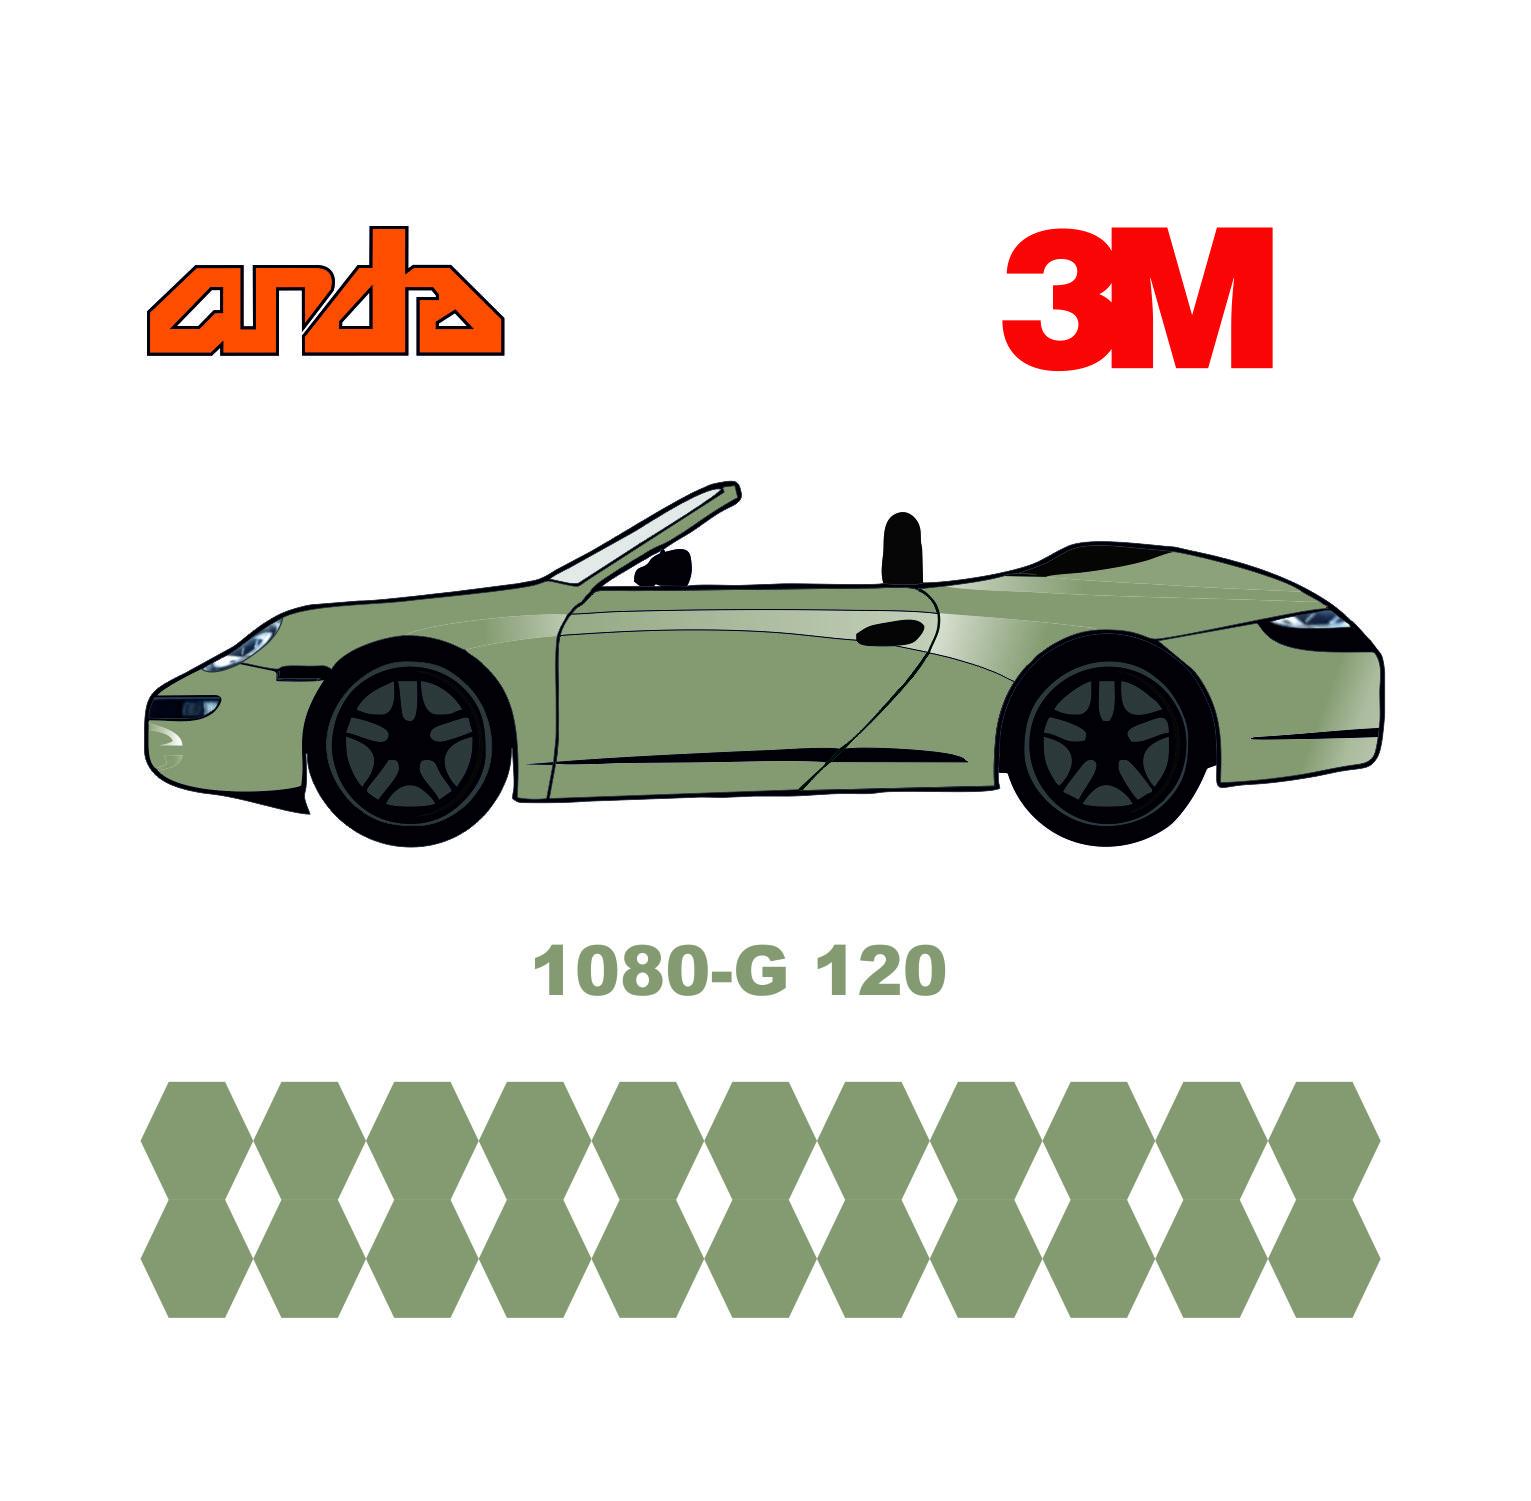 3M 1080-G120 Parlak Beyaz Alüminyum 1